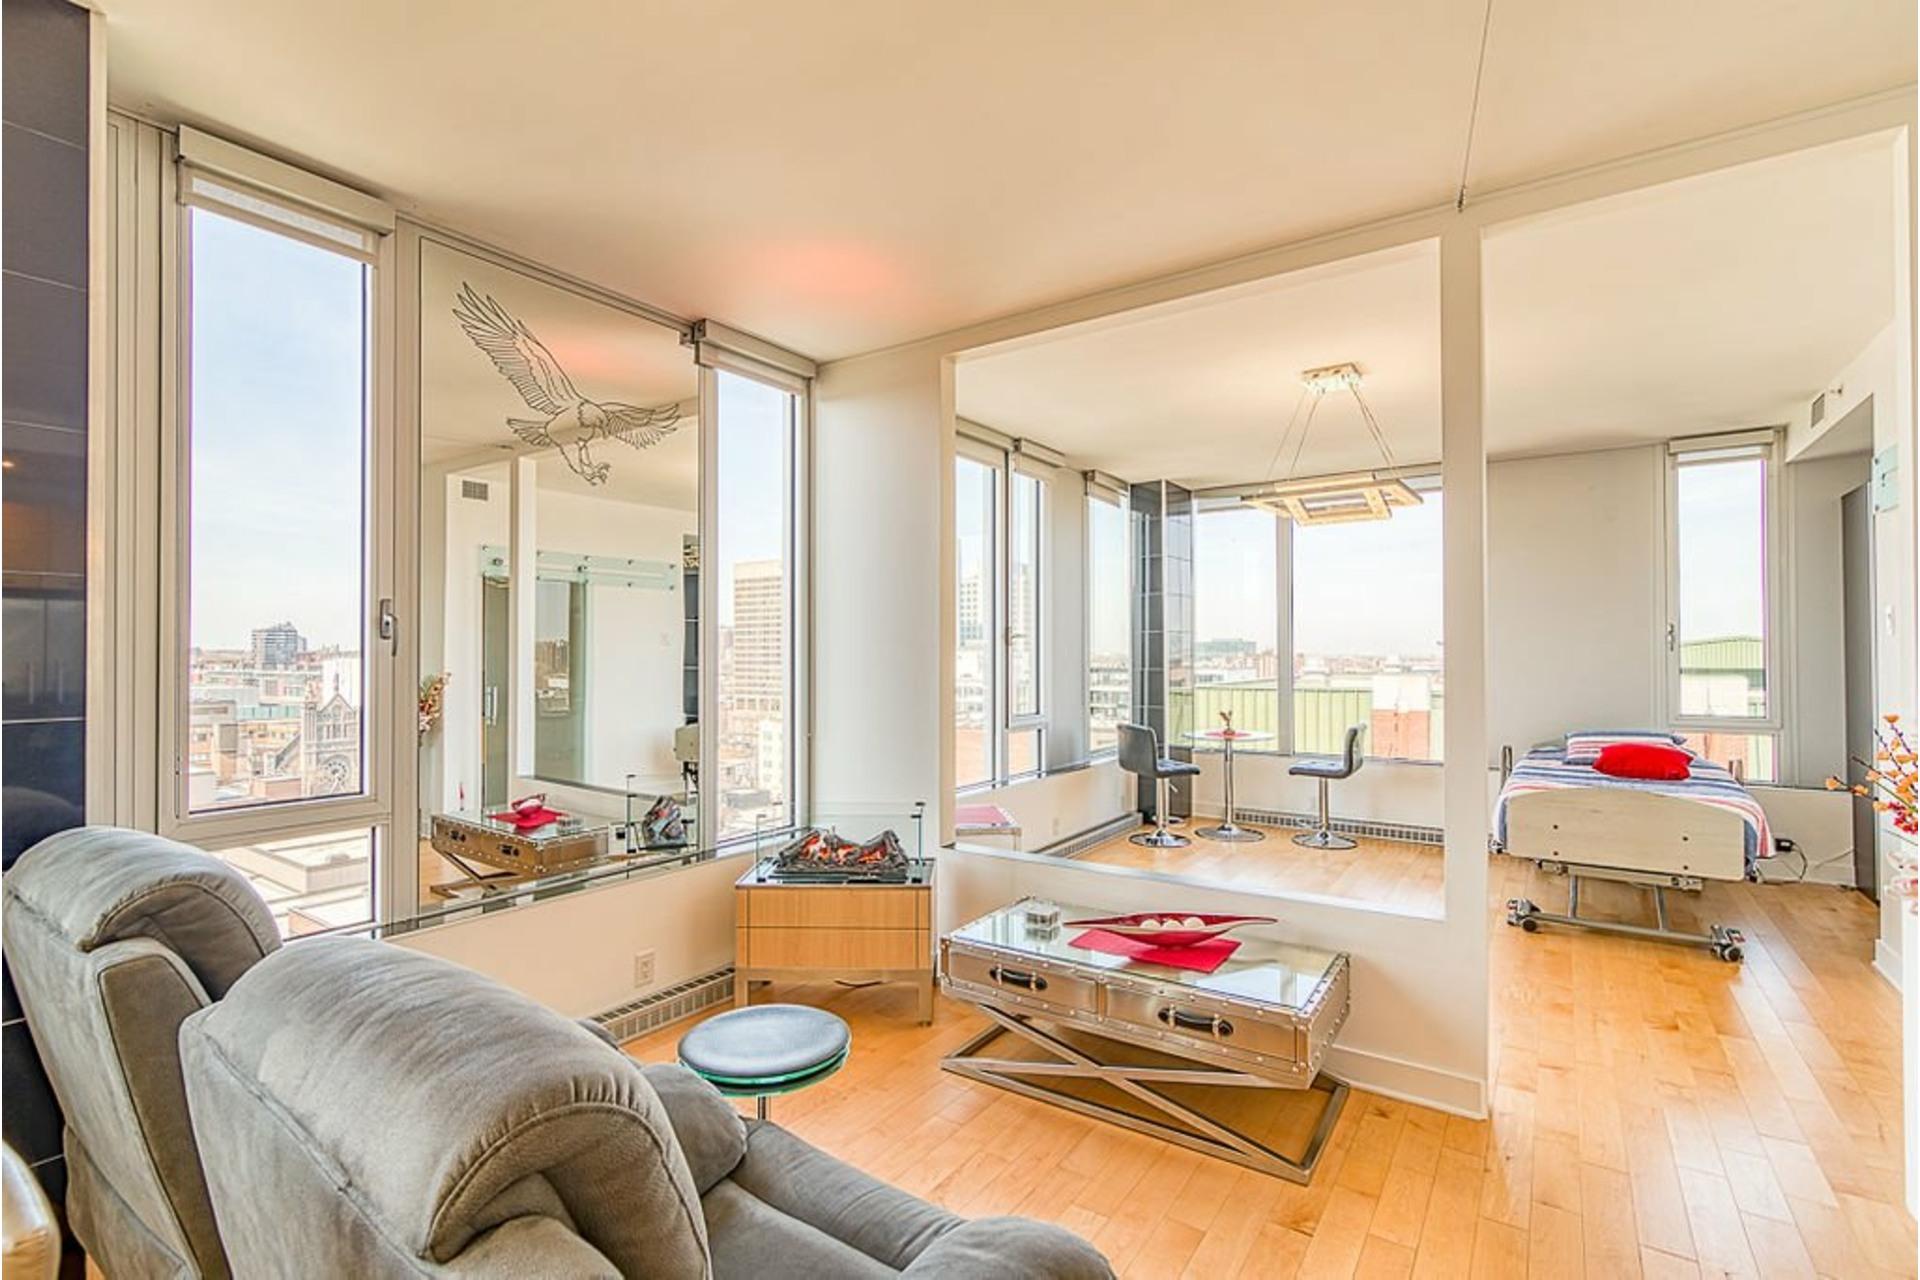 image 3 - Appartement À vendre Ville-Marie Montréal  - 7 pièces